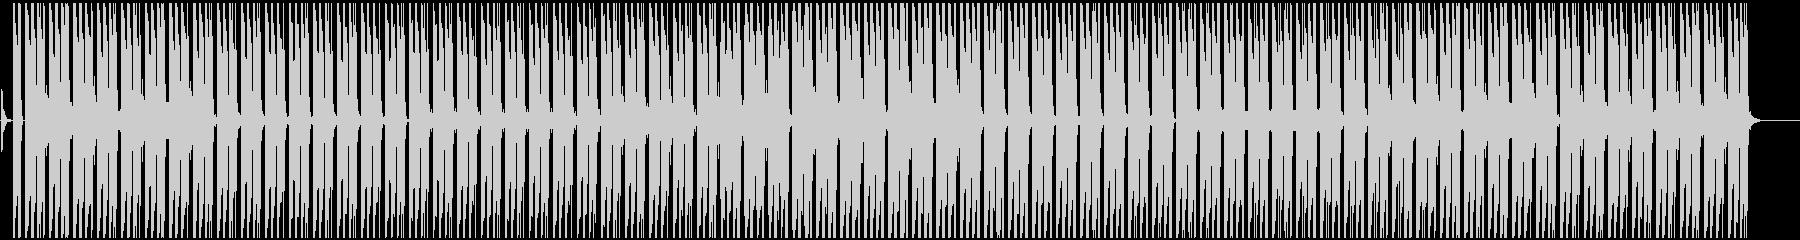 テンションが上がる緊張感のあヒップホップの未再生の波形